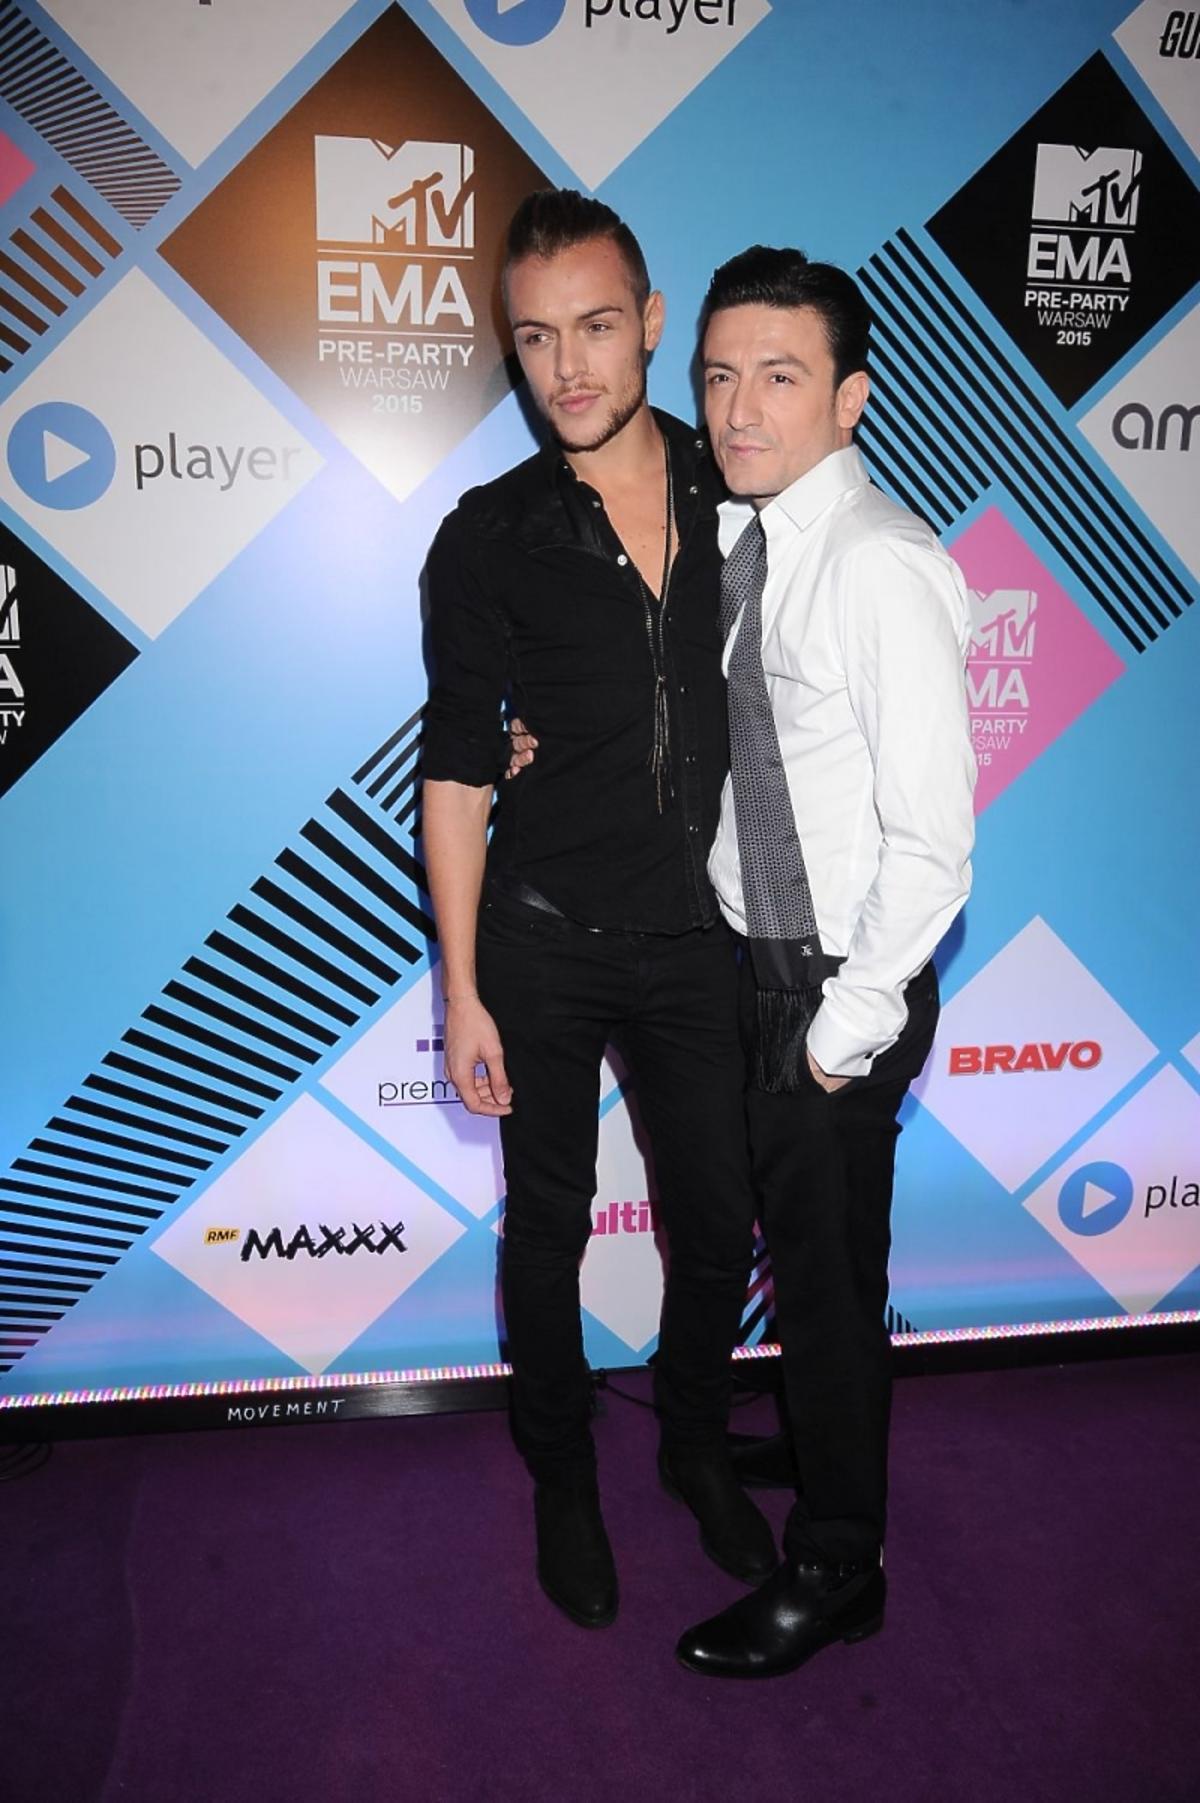 Michał Kwiatkowski z chłopakiem na MTV EMA Pre Party 2015